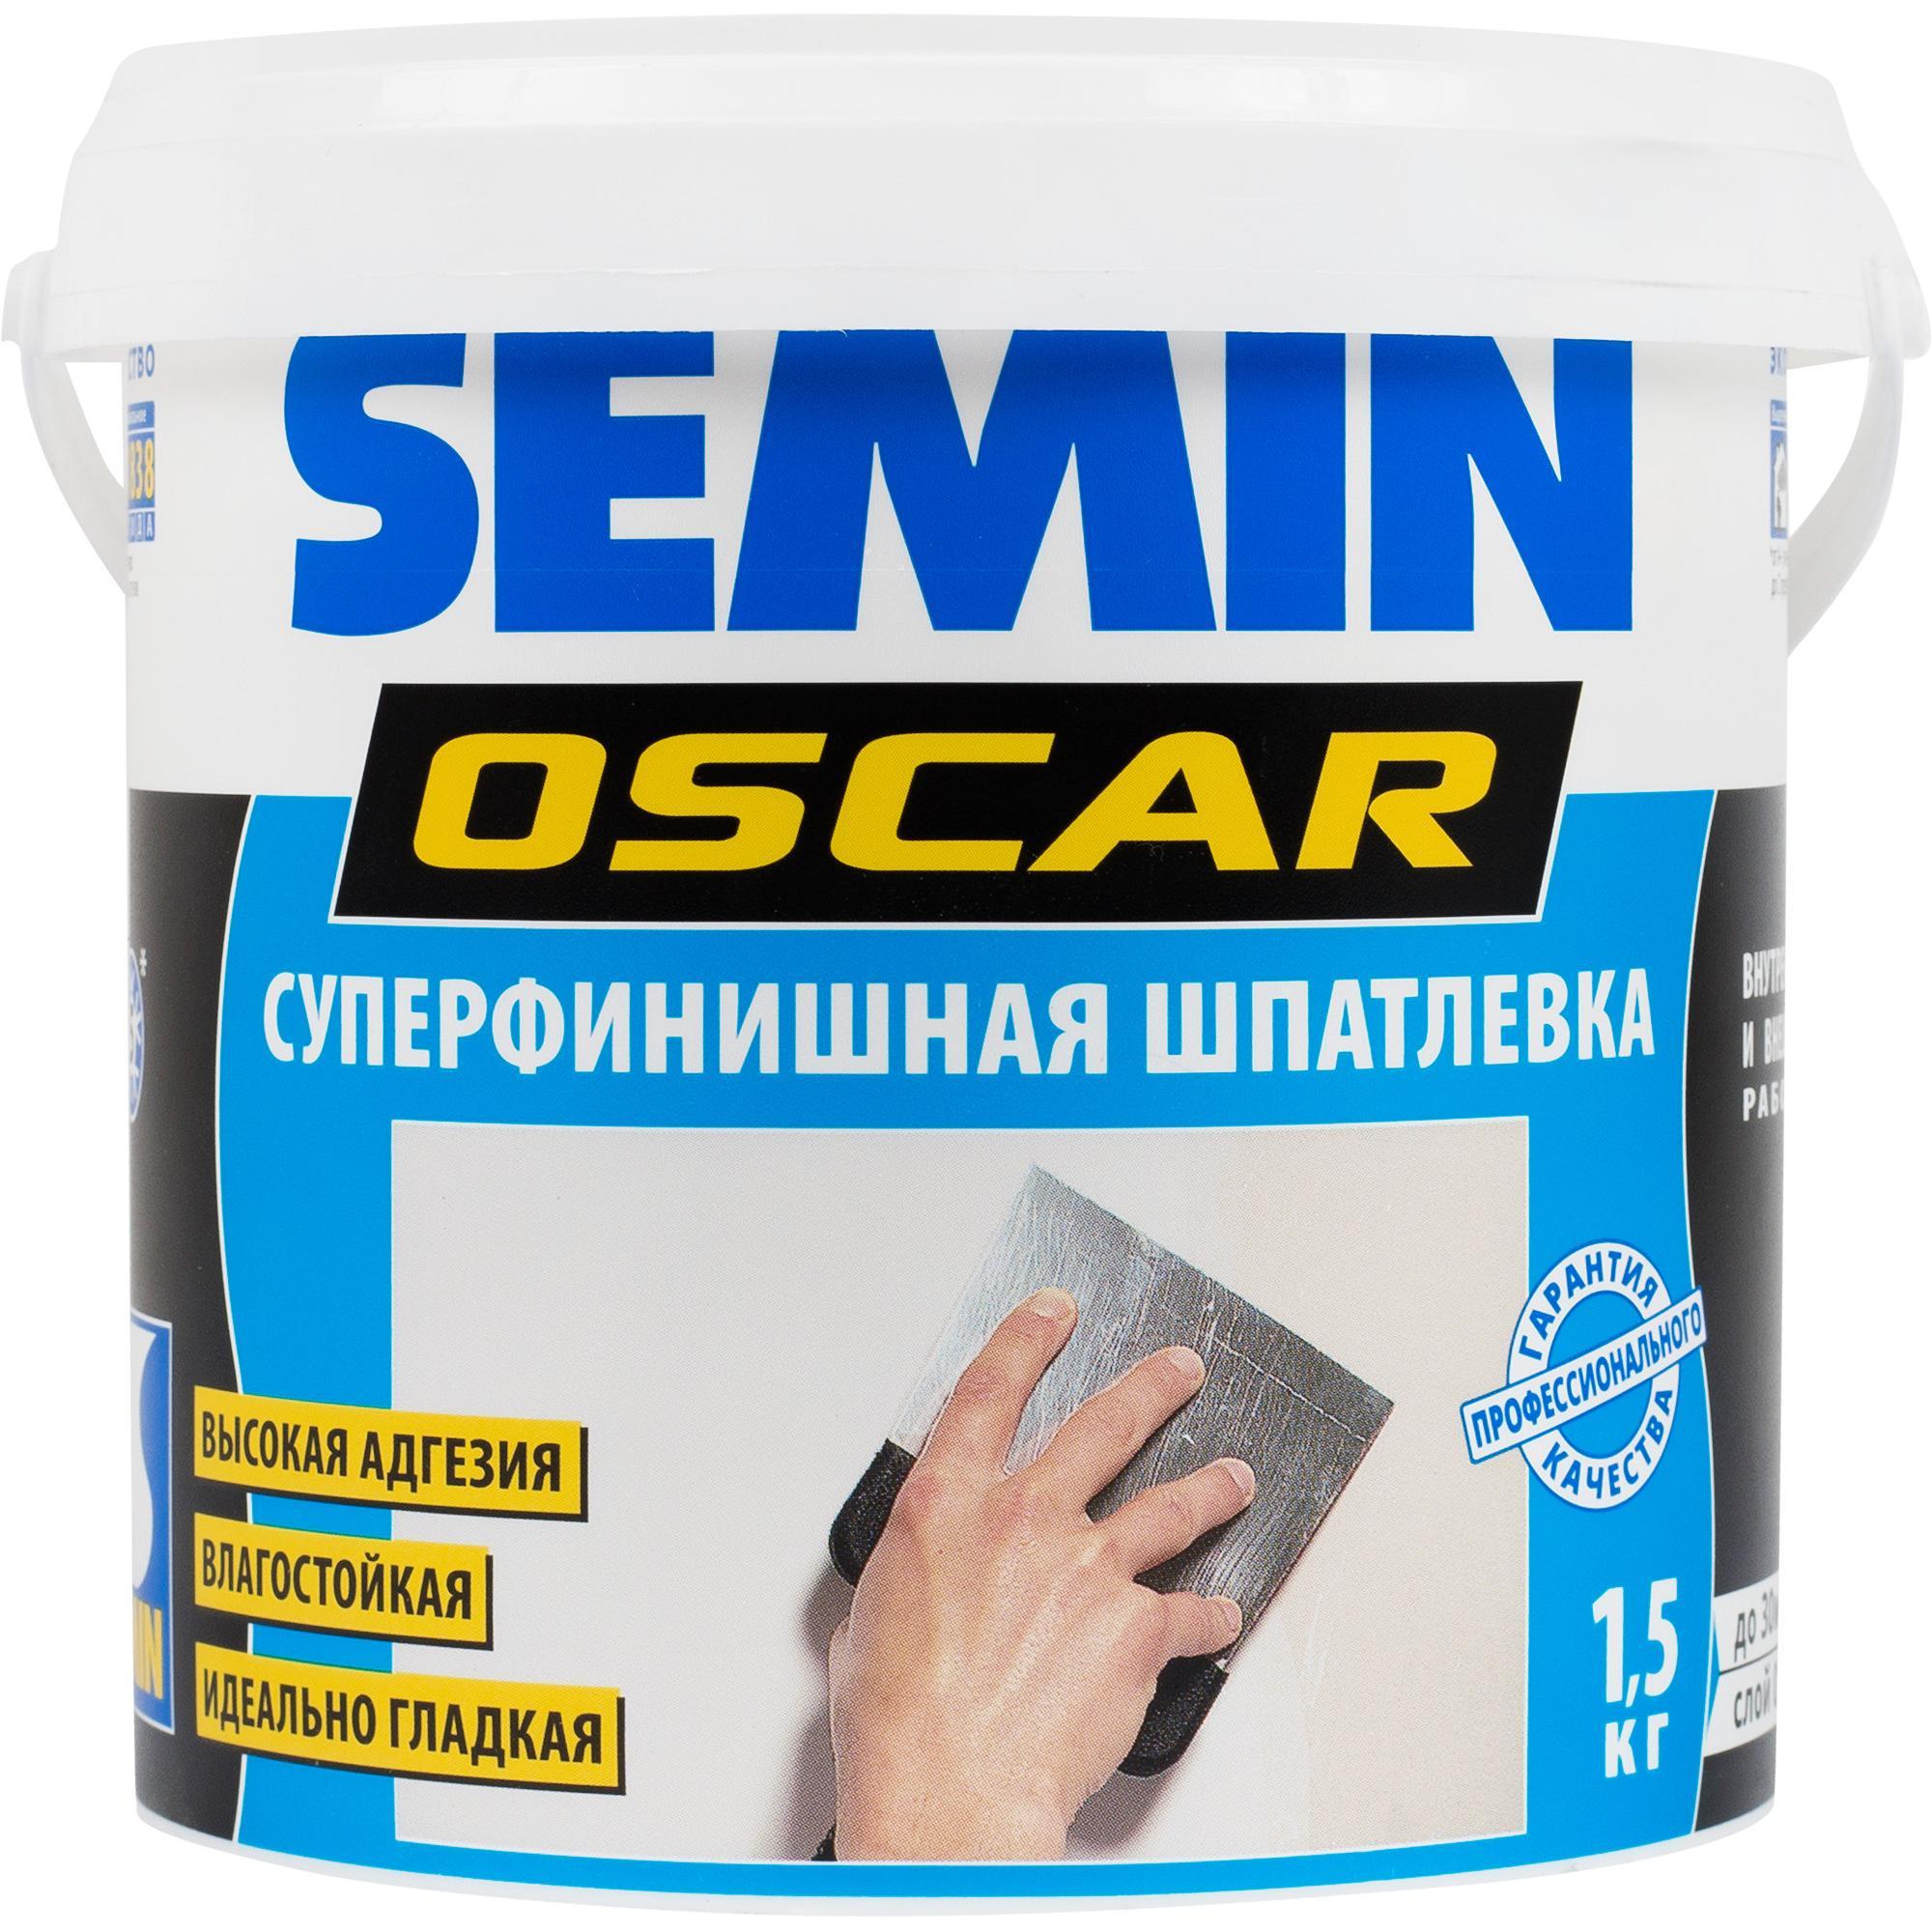 Бояу жұмыстарына арналған тегістегіштер: OSCAR Semin фиништік ылғалға төзімді тегістеуіші, 1 қаптаманың салмағы 1,5 кг